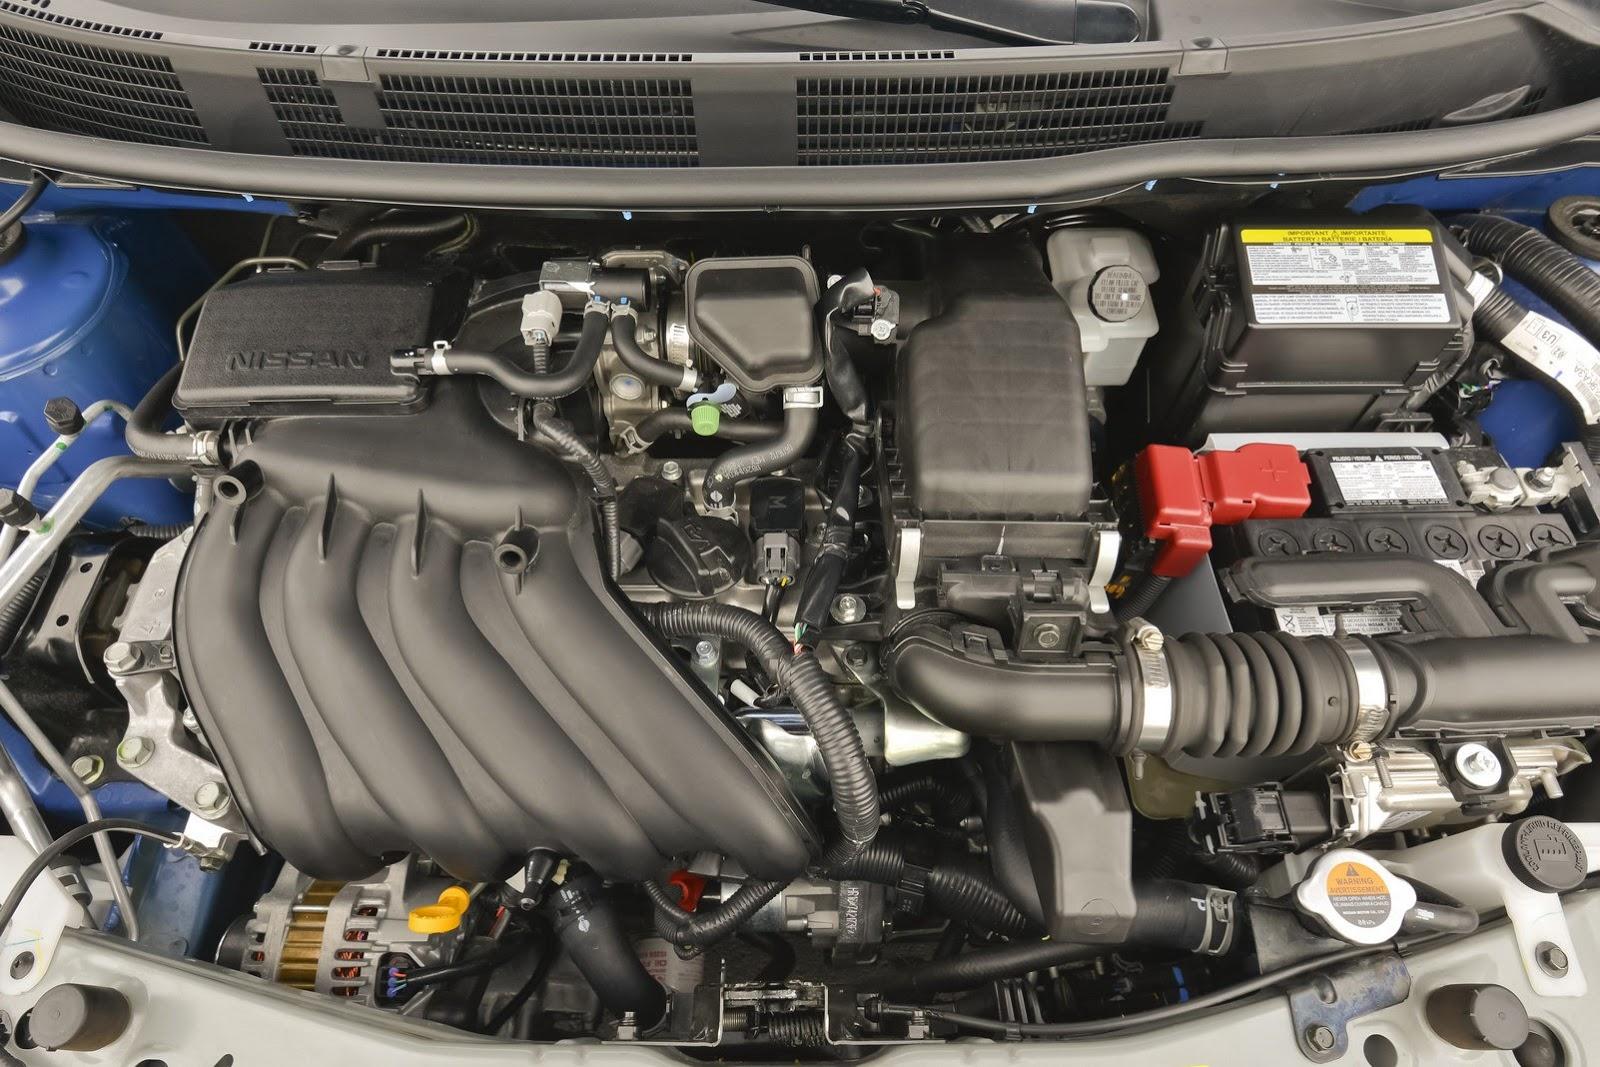 nissan 3 engine diagram bmw e46 2014 versa details and pricing - autoevolution